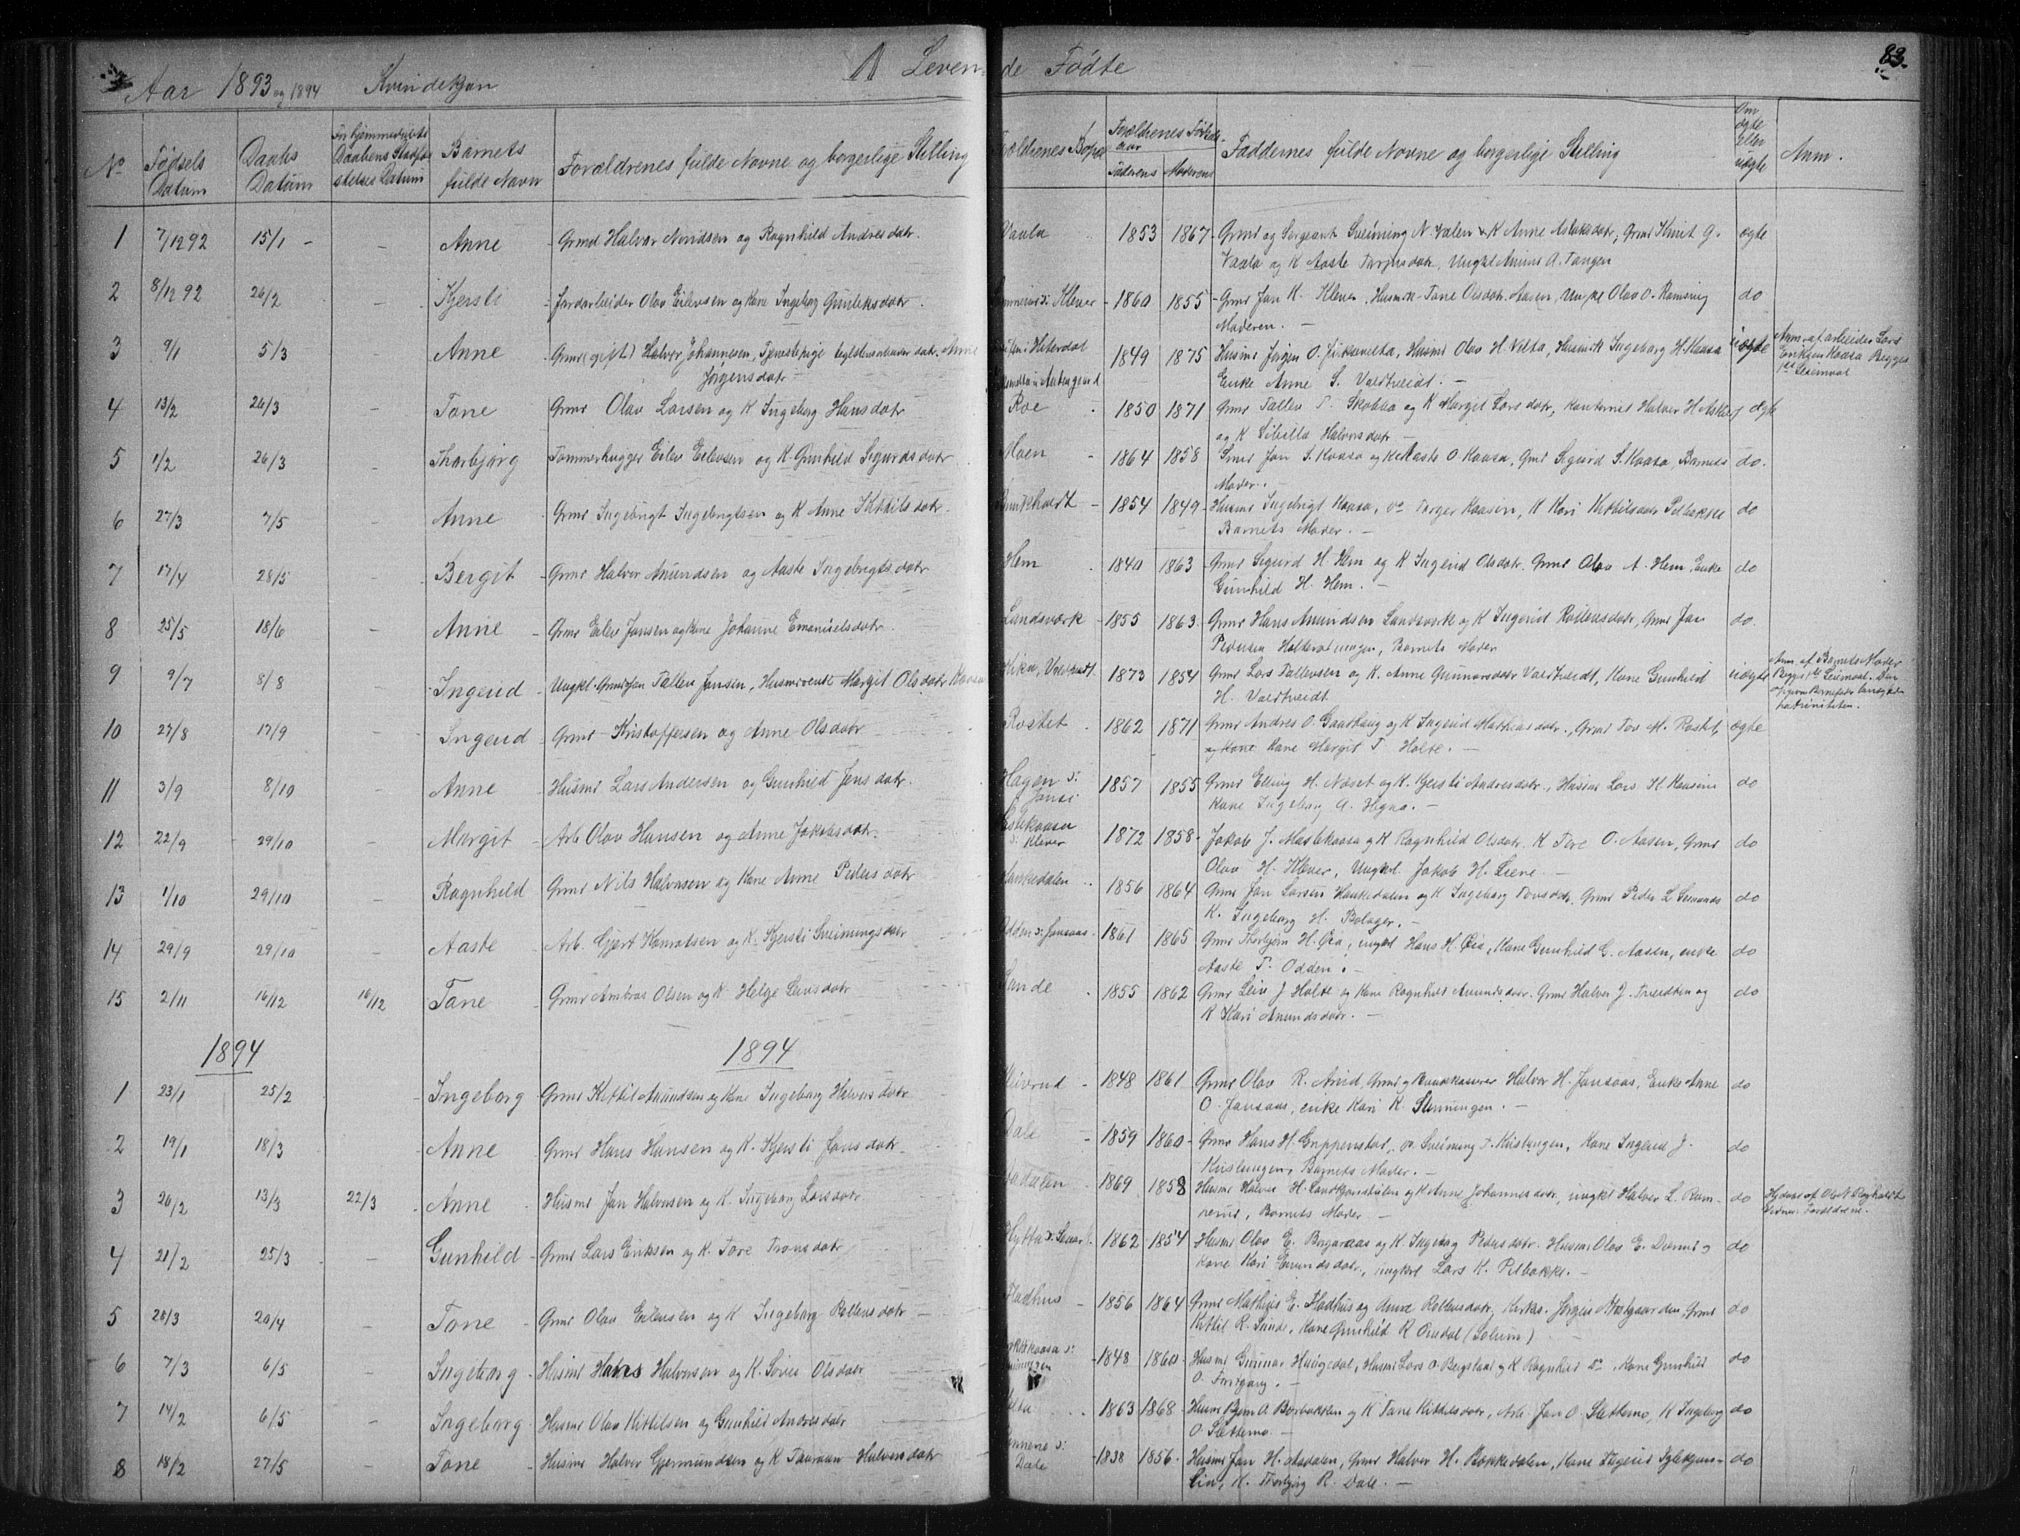 SAKO, Sauherad kirkebøker, G/Ga/L0003: Klokkerbok nr. I 3, 1866-1905, s. 83